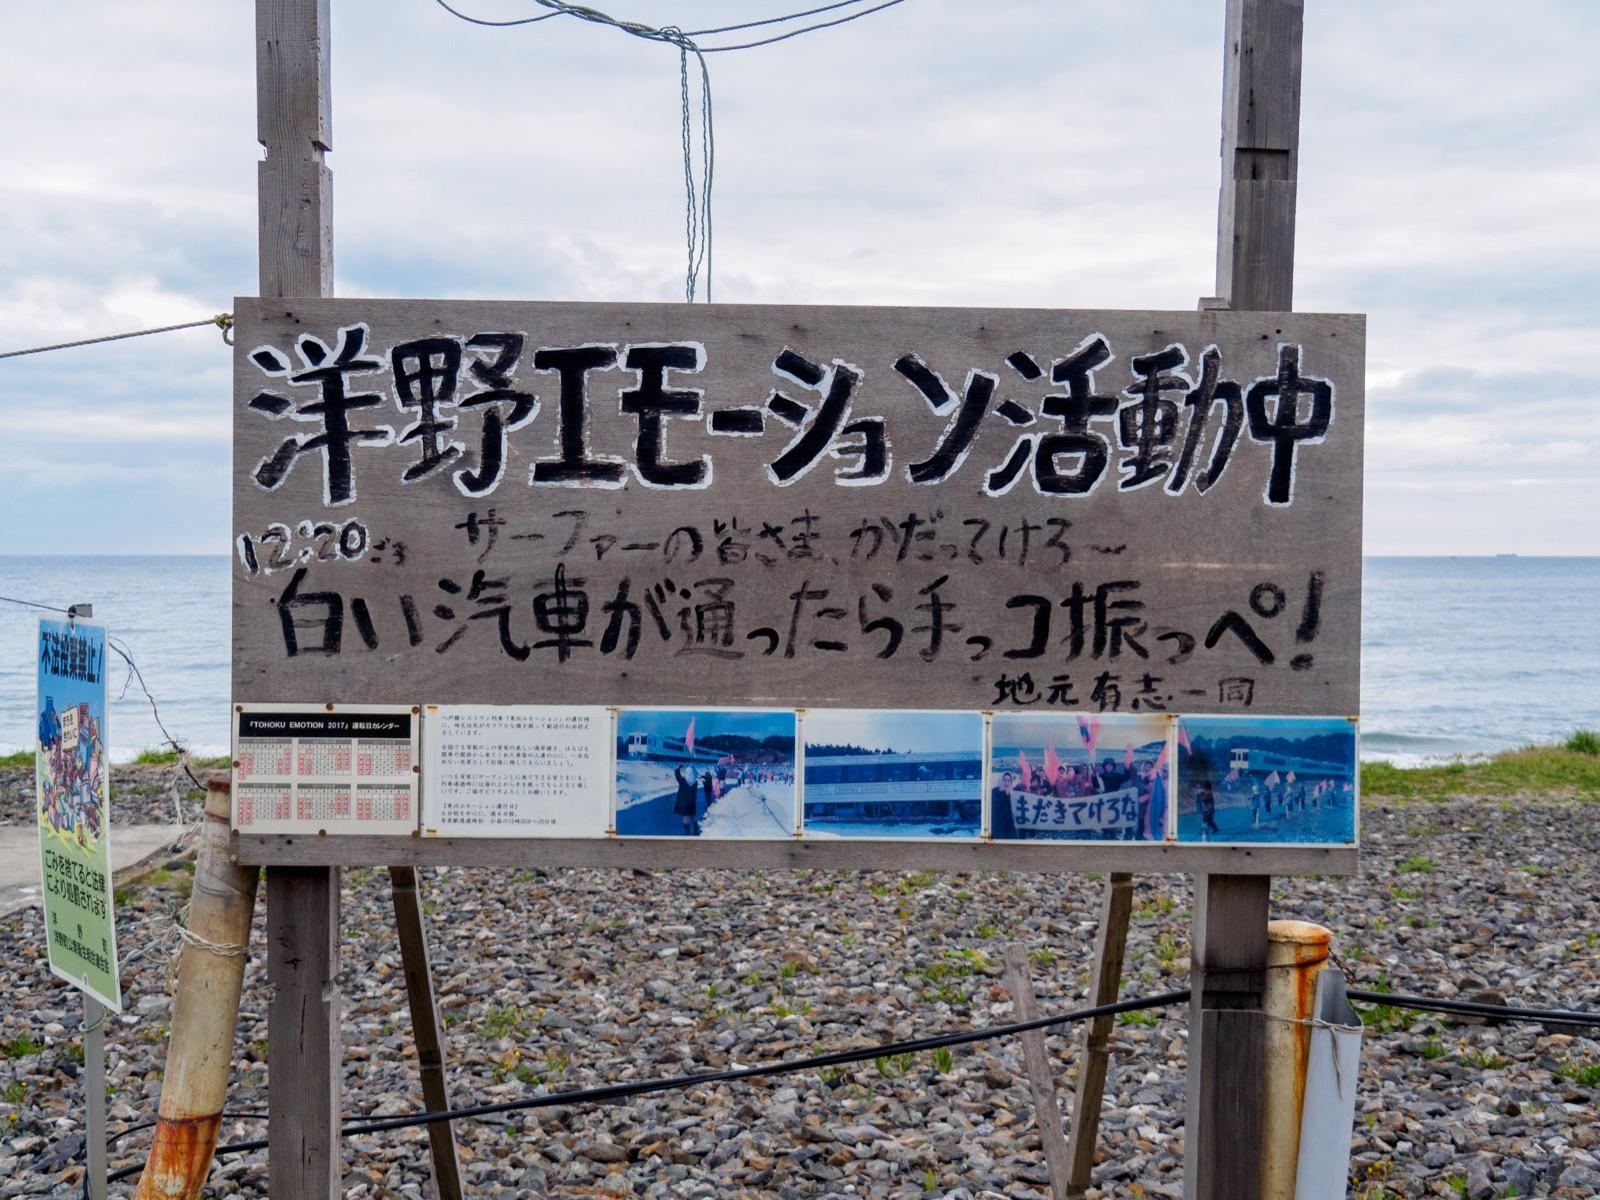 有家駅のそばにある「洋野エモーション」活動の看板